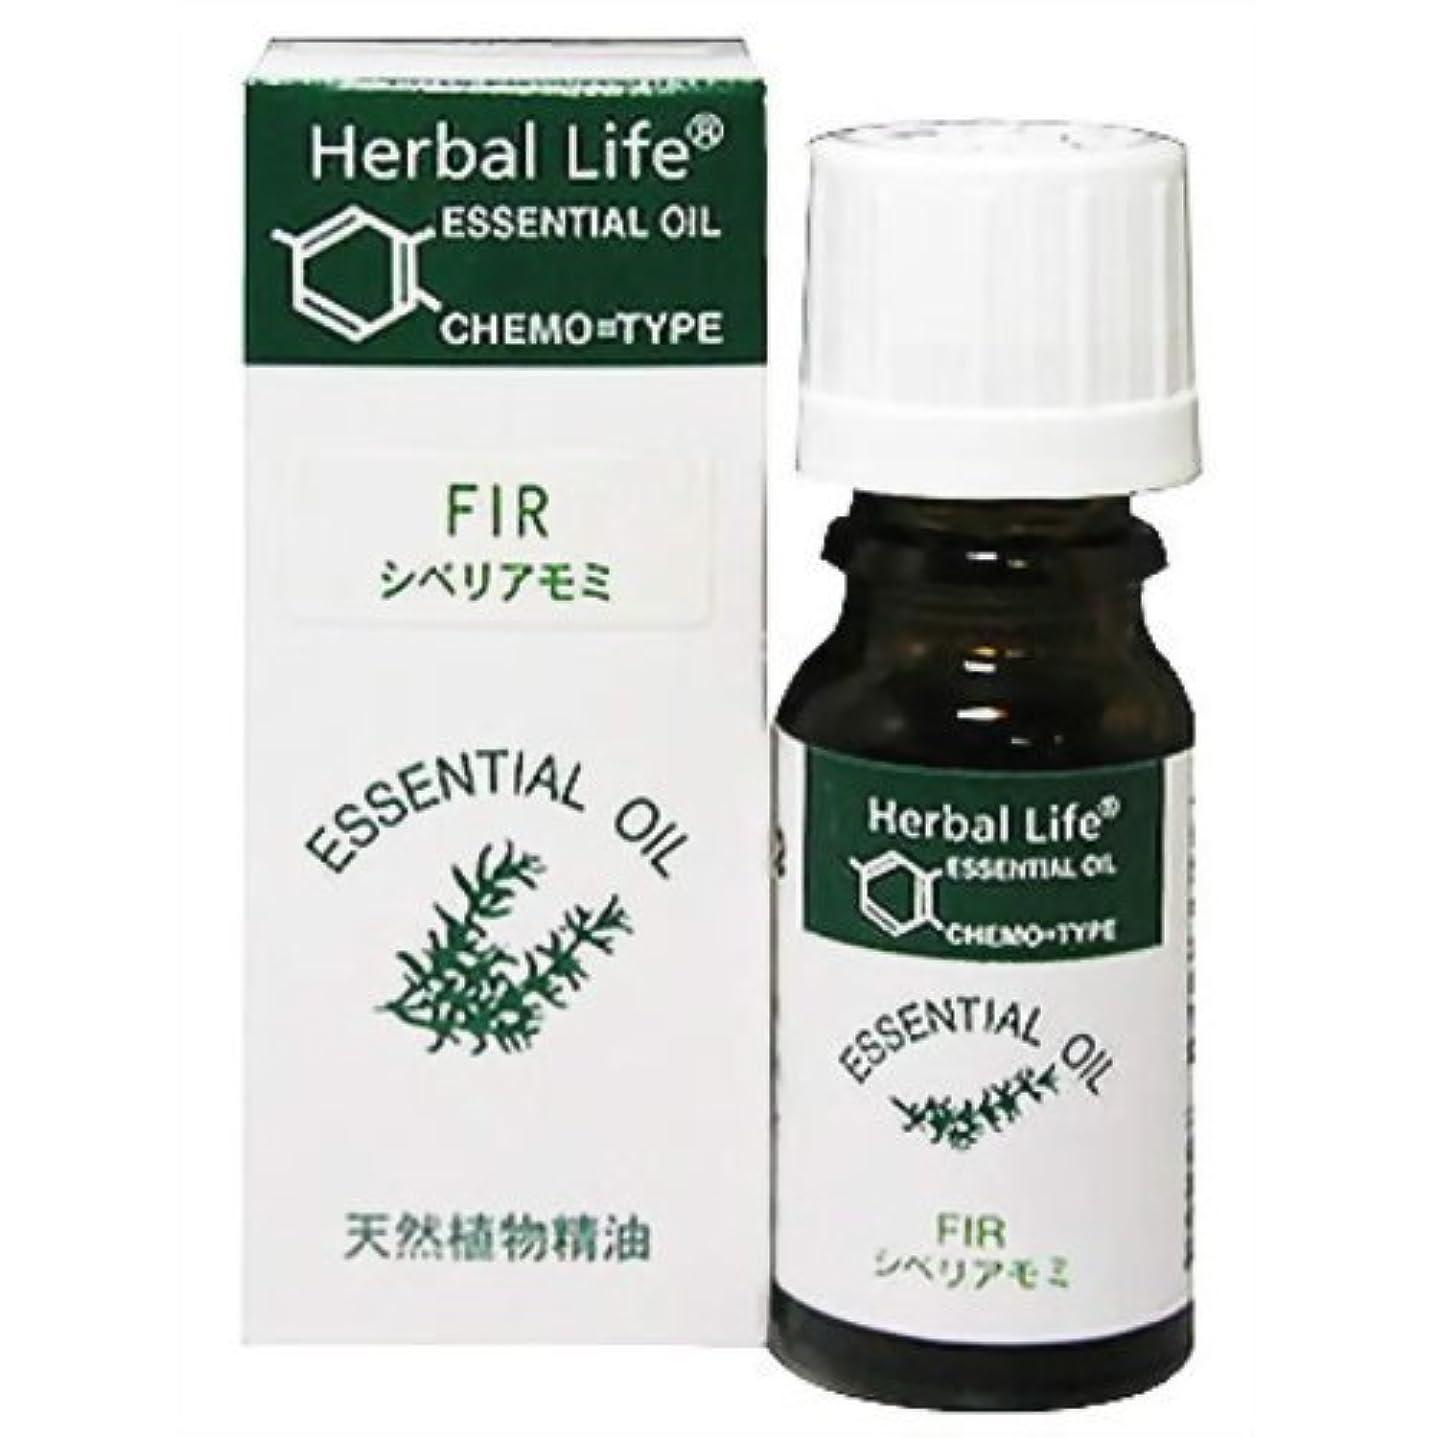 やるひどく怪しい生活の木 Herbal Life シベリアモミ 10ml